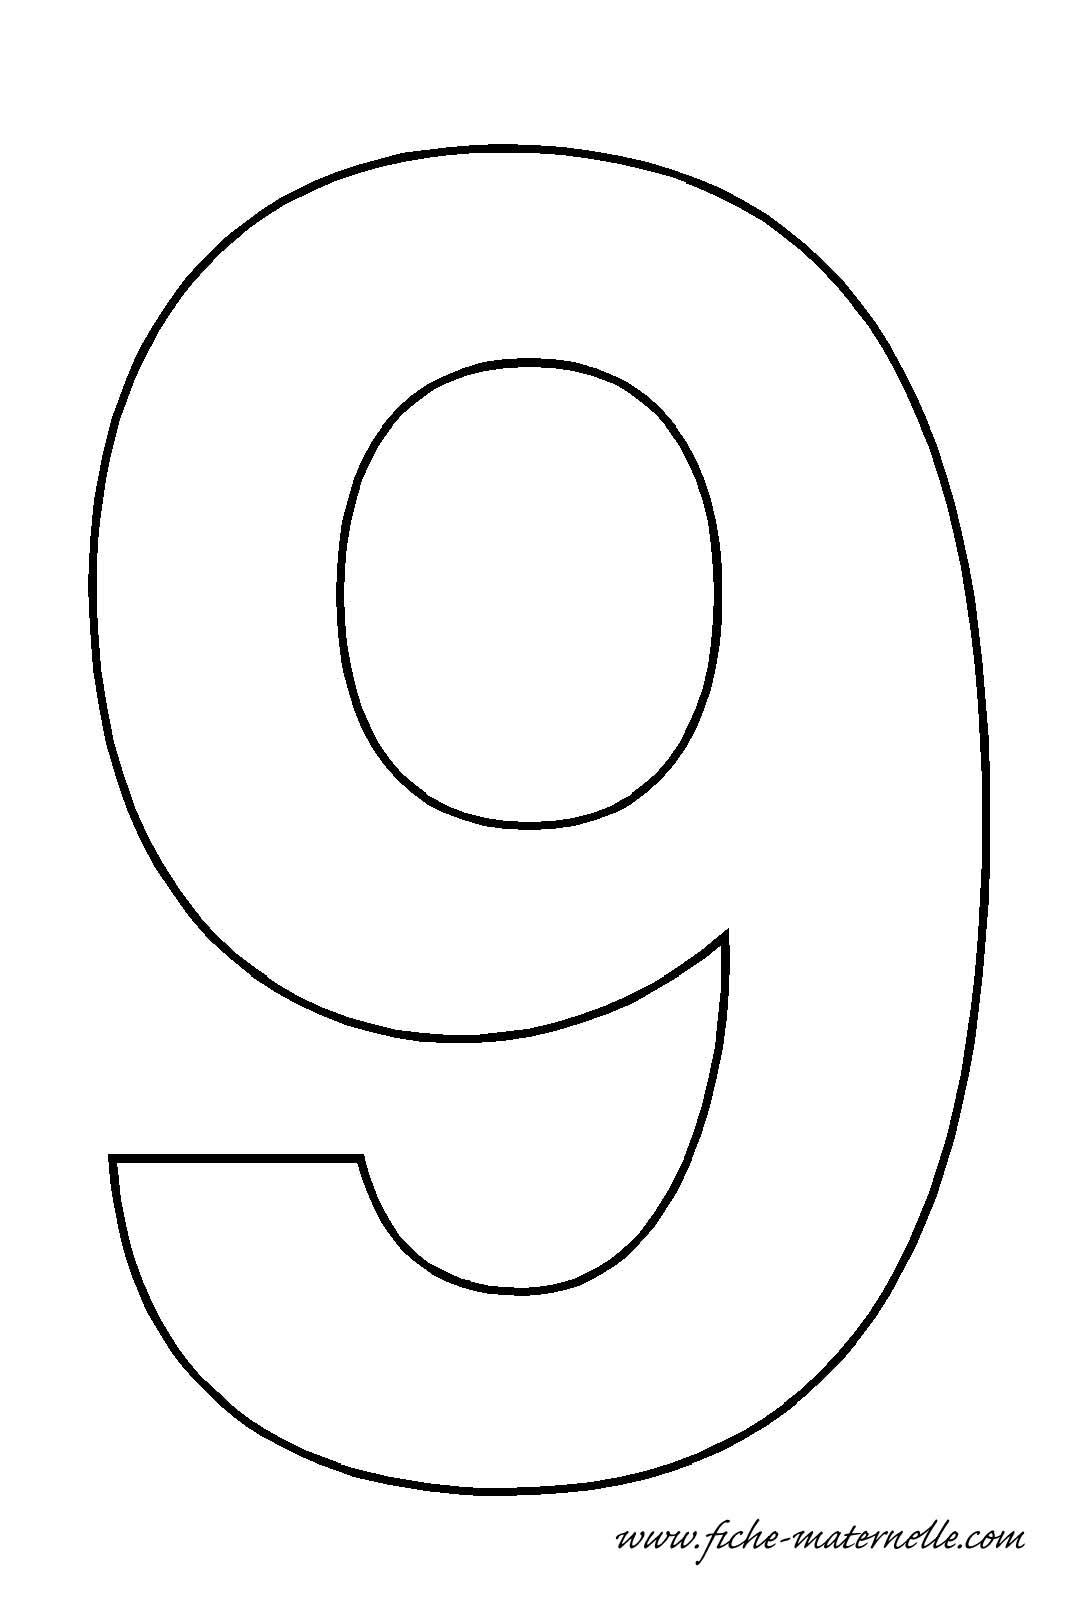 fiches maternelles   chiffres  u00e0 d u00e9corer en maternelle